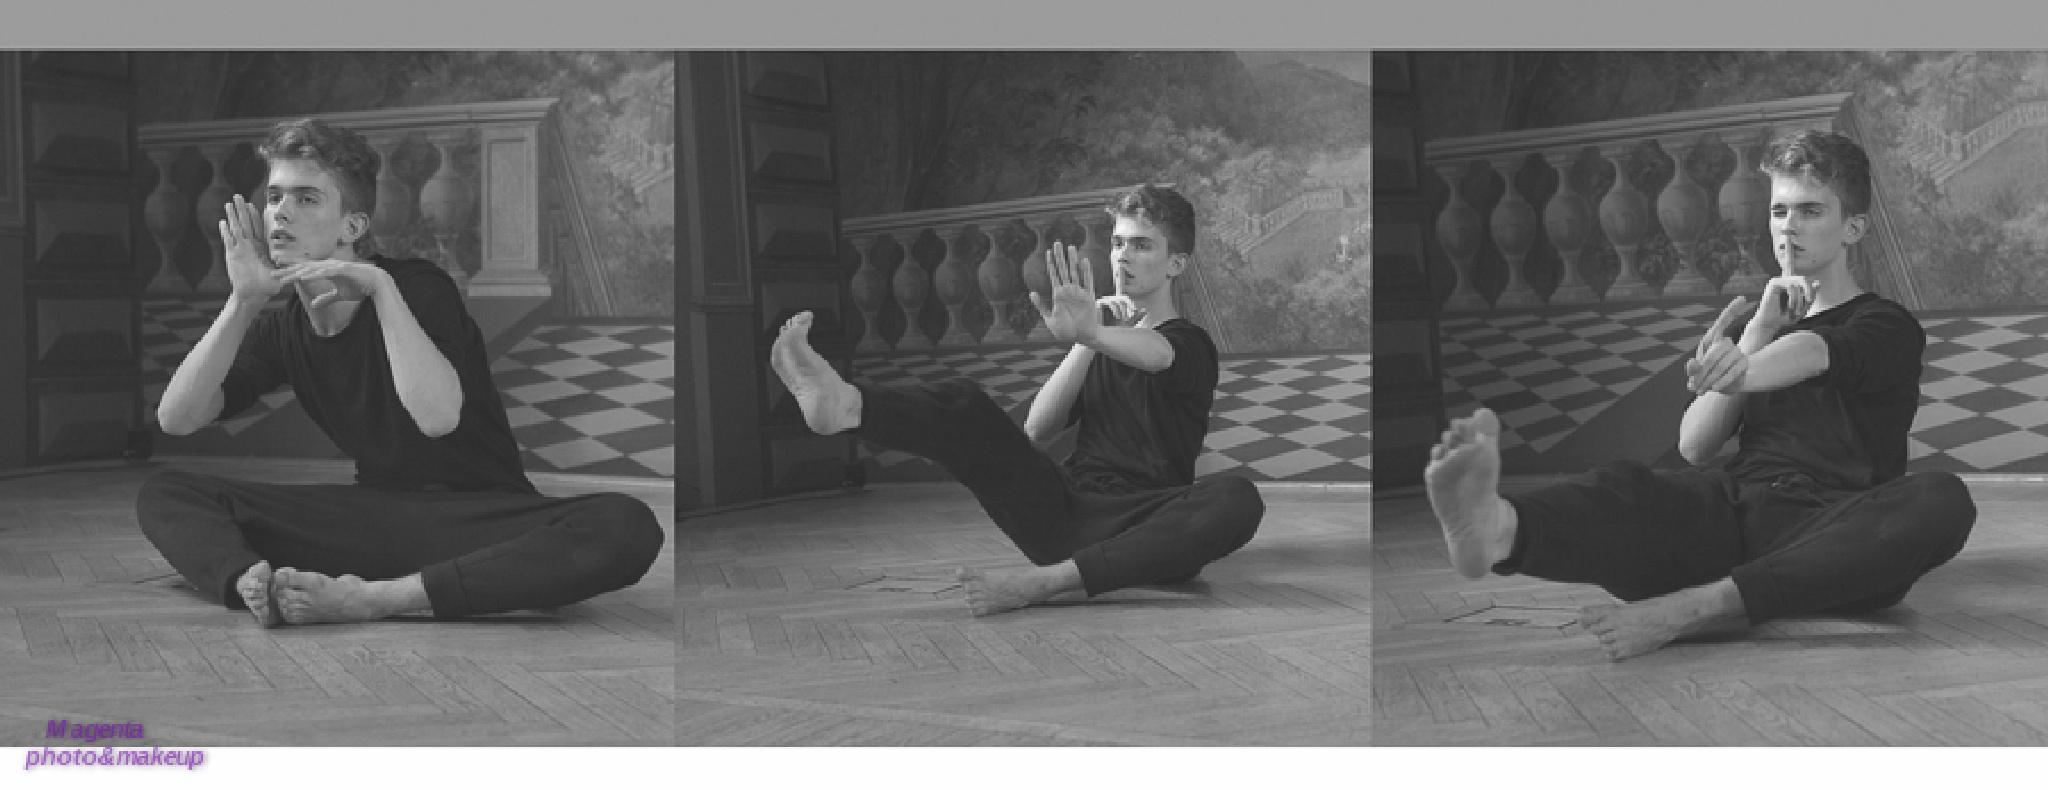 Dance#9 by Kata Bartha